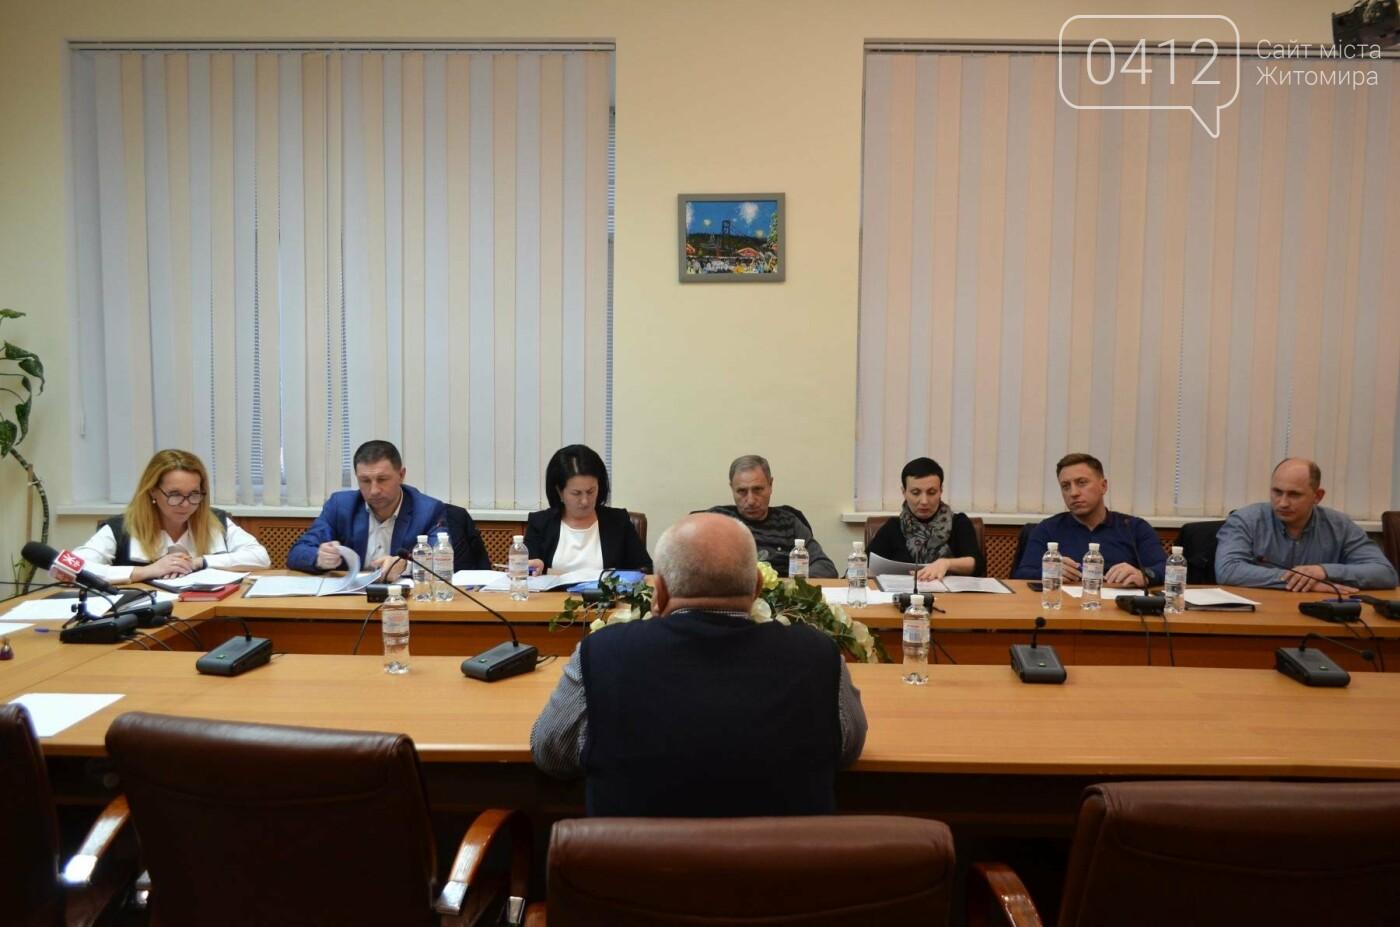 У Житомирі обрали членів Координаційної ради з питань бюджету участі, фото-2